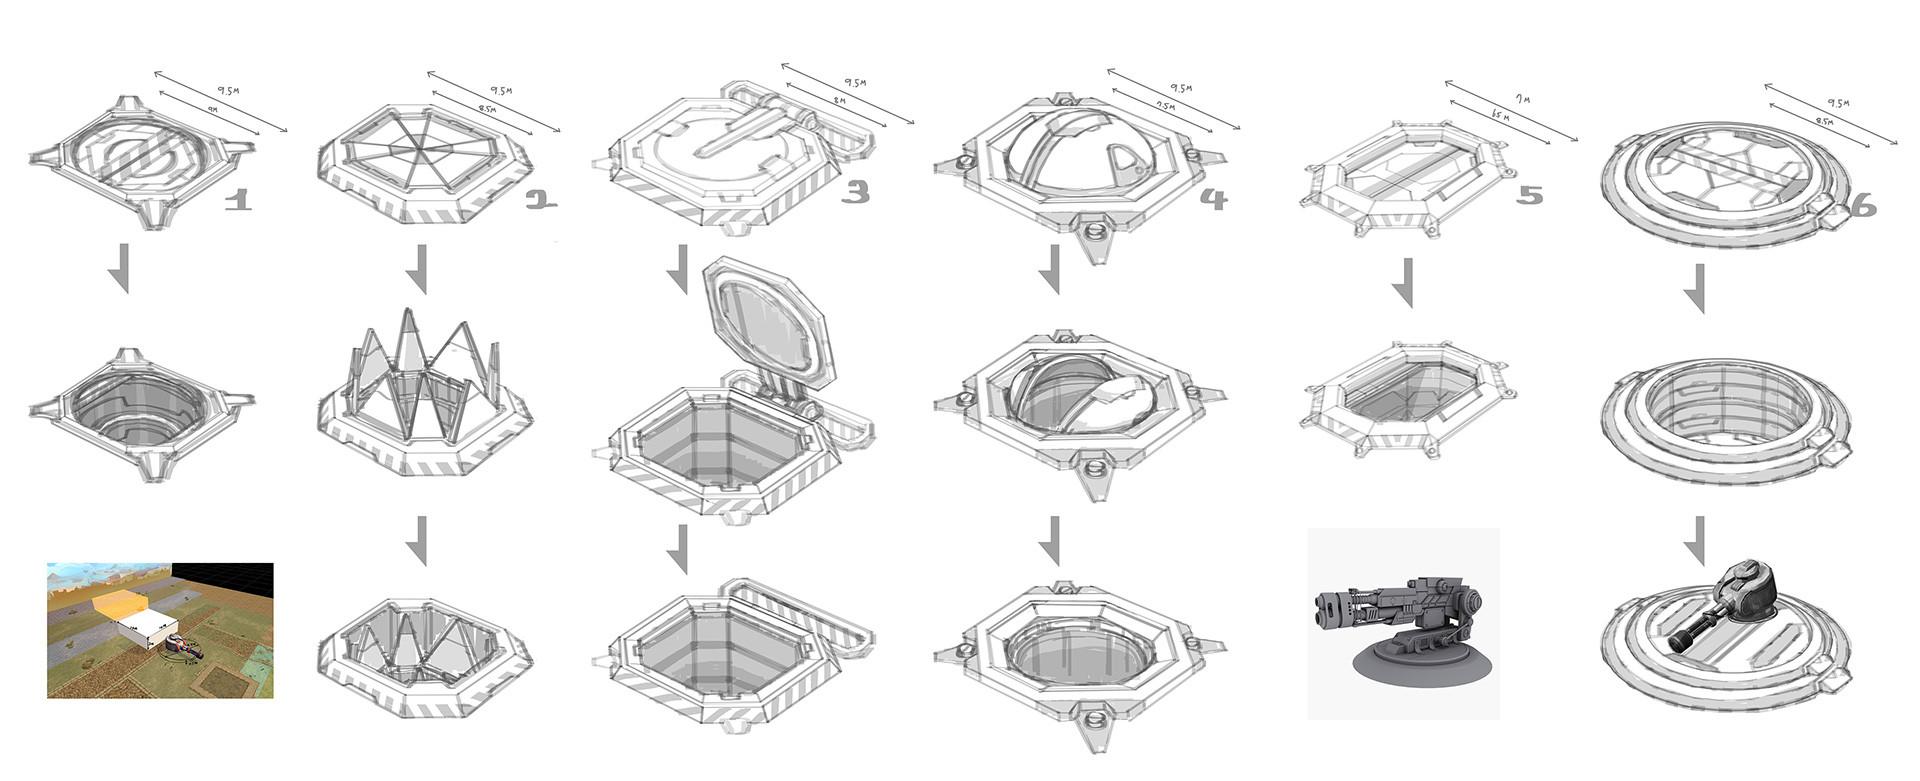 R o iaki 2015 10 13 bos waillingwall sketch01 4